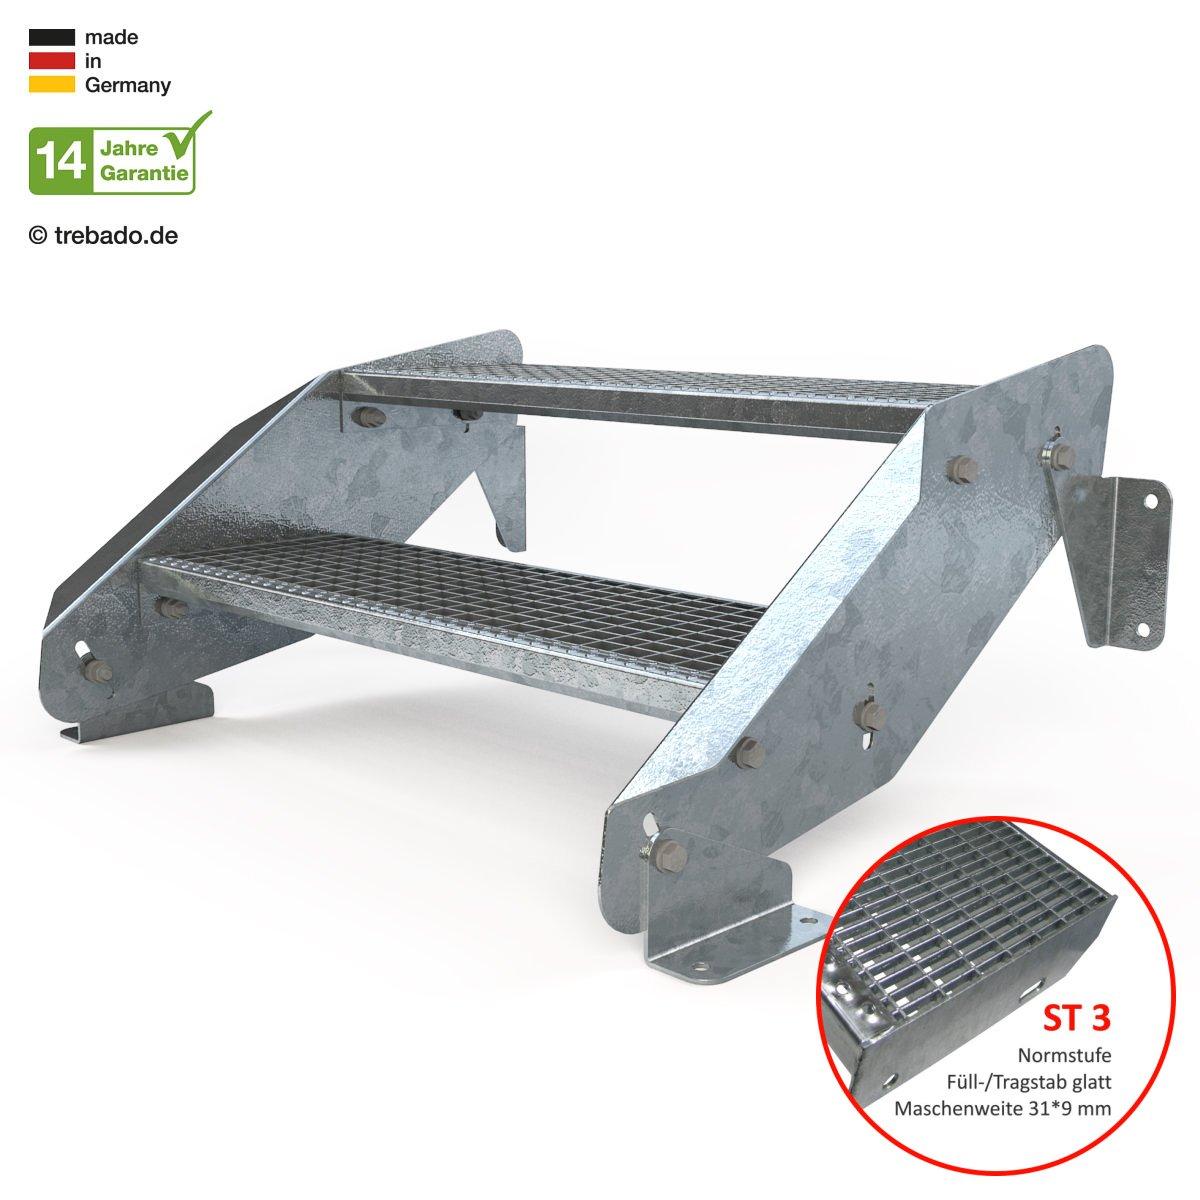 Anstellh/öhe variabel von 29 cm bis 44 cm feuerverzinkte Stahltreppe mit 800 mm Stufenl/änge als montagefertiger Bausatz Au/ßentreppe 2 Stufen 80 cm Laufbreite ohne Gel/änder Gitterroststufe ST3